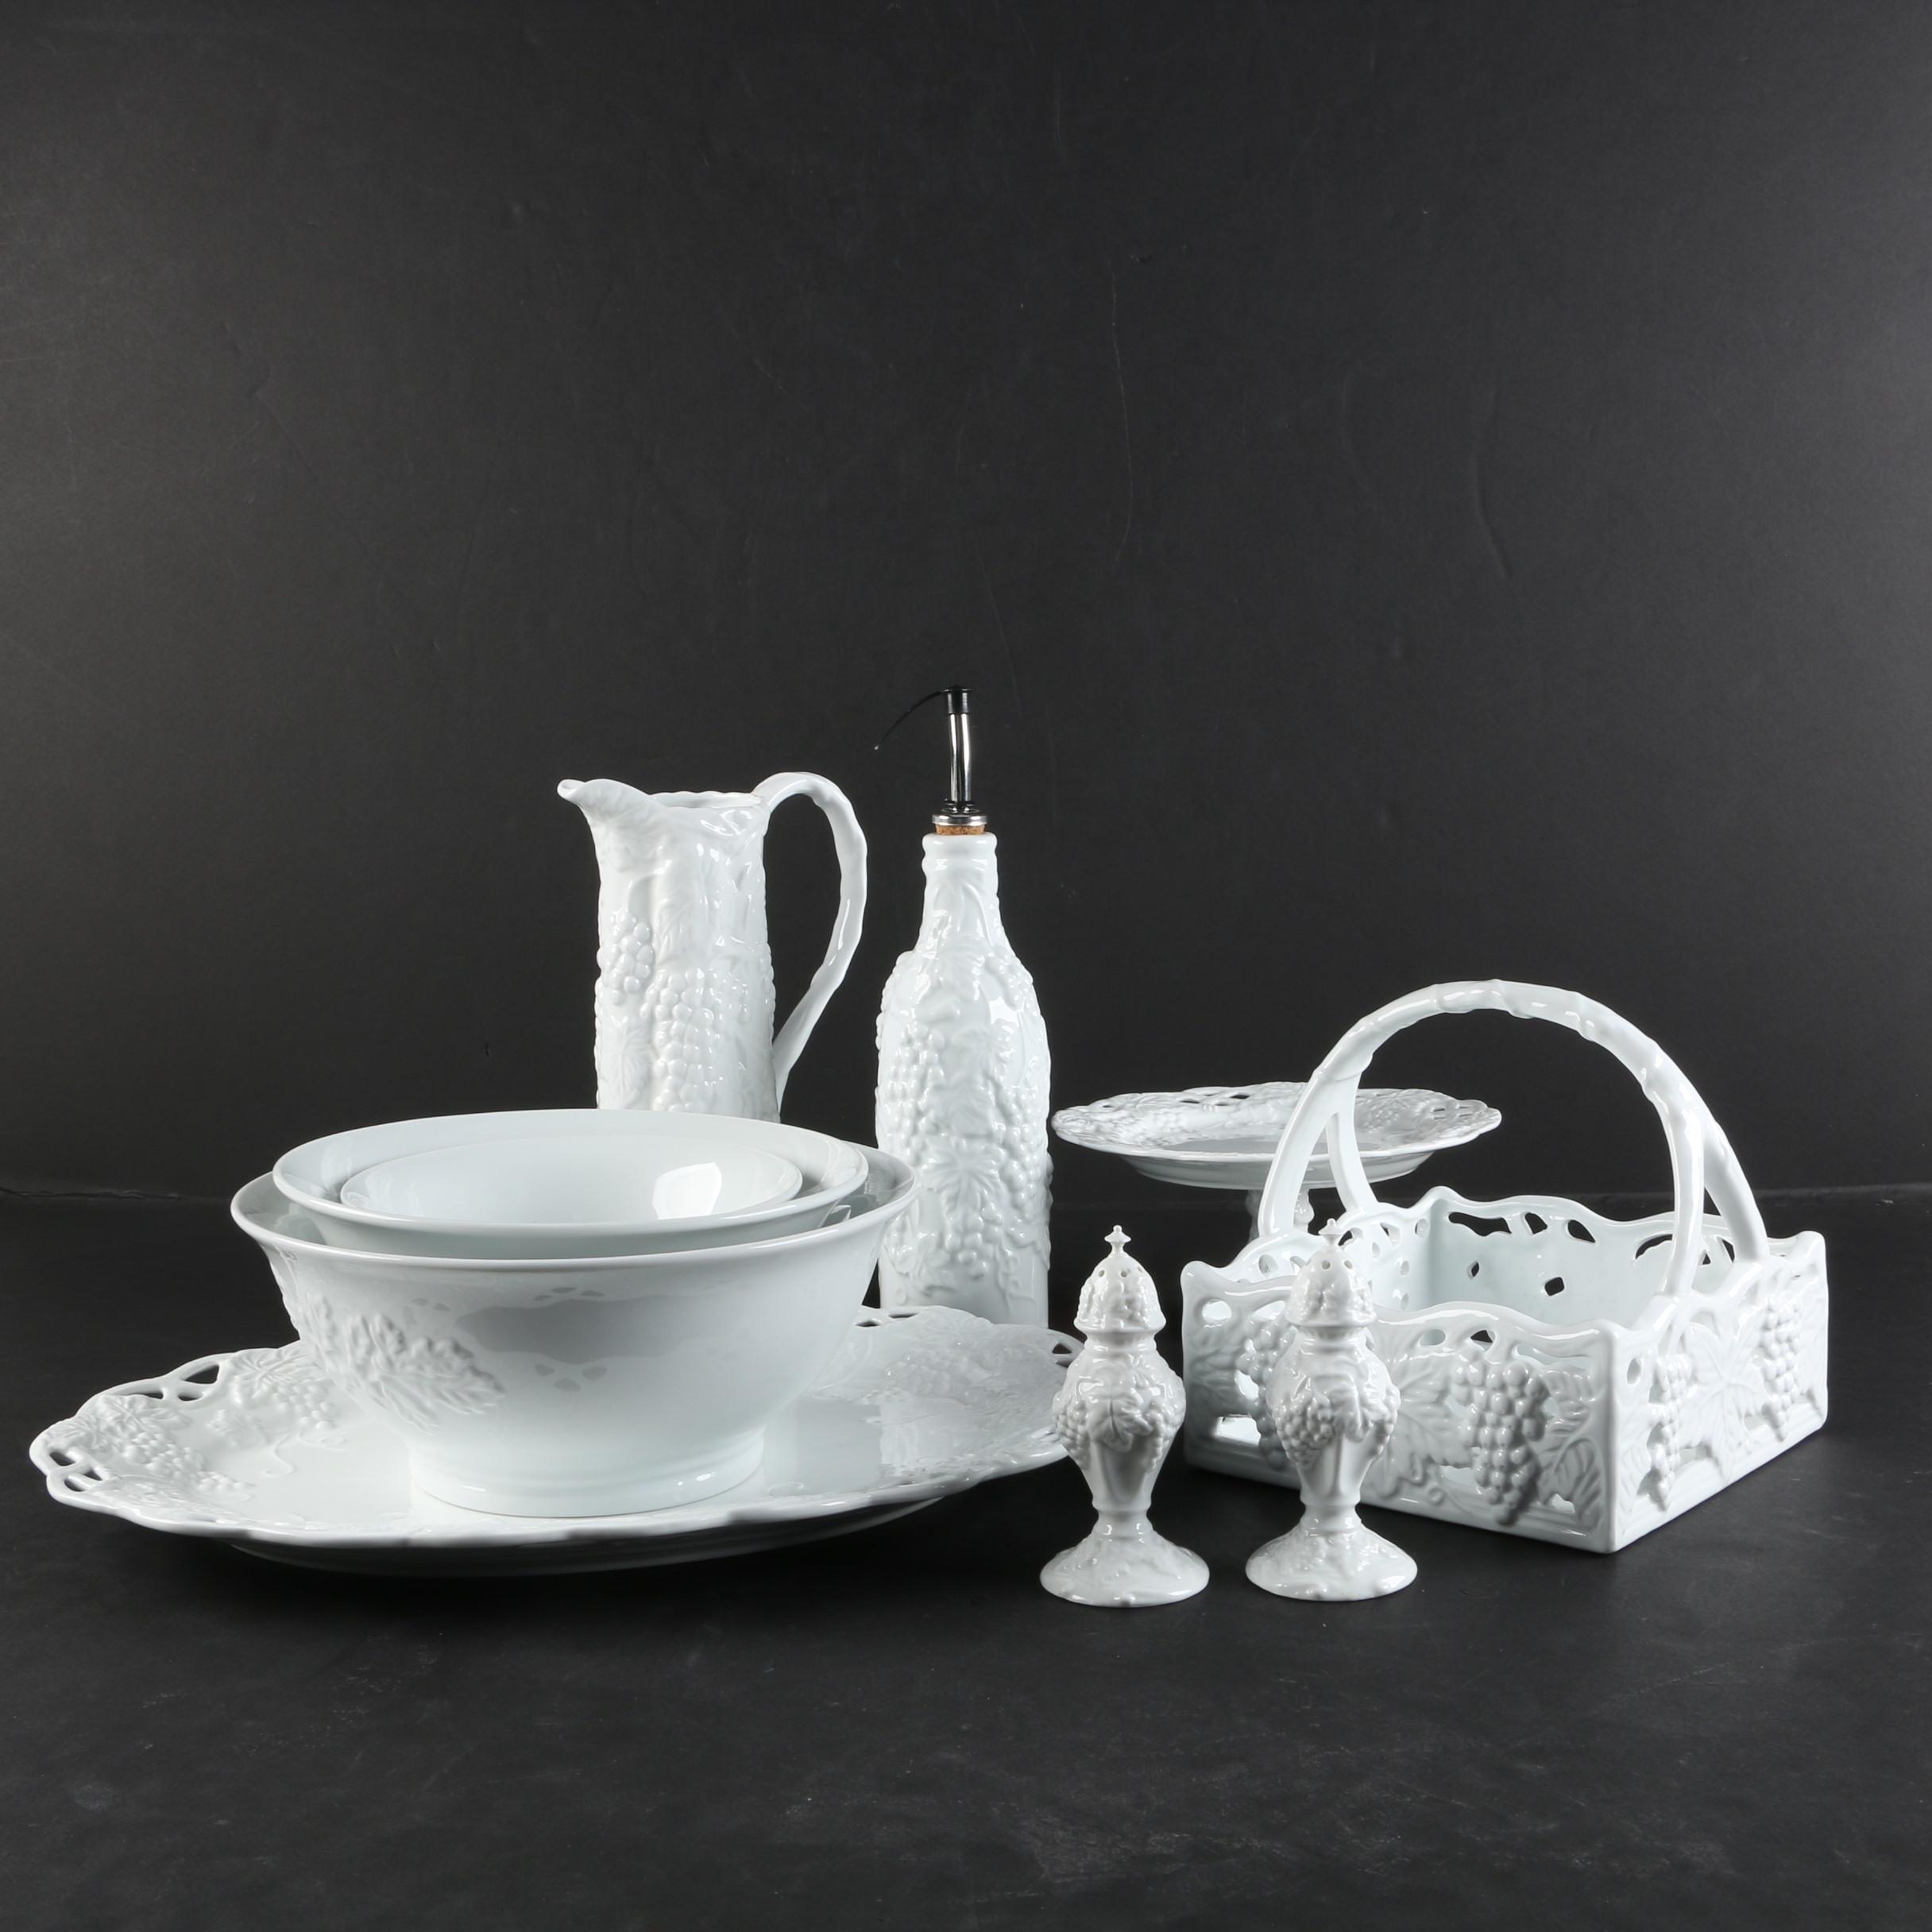 Contemporary Porcelain Serveware with Grape Motif